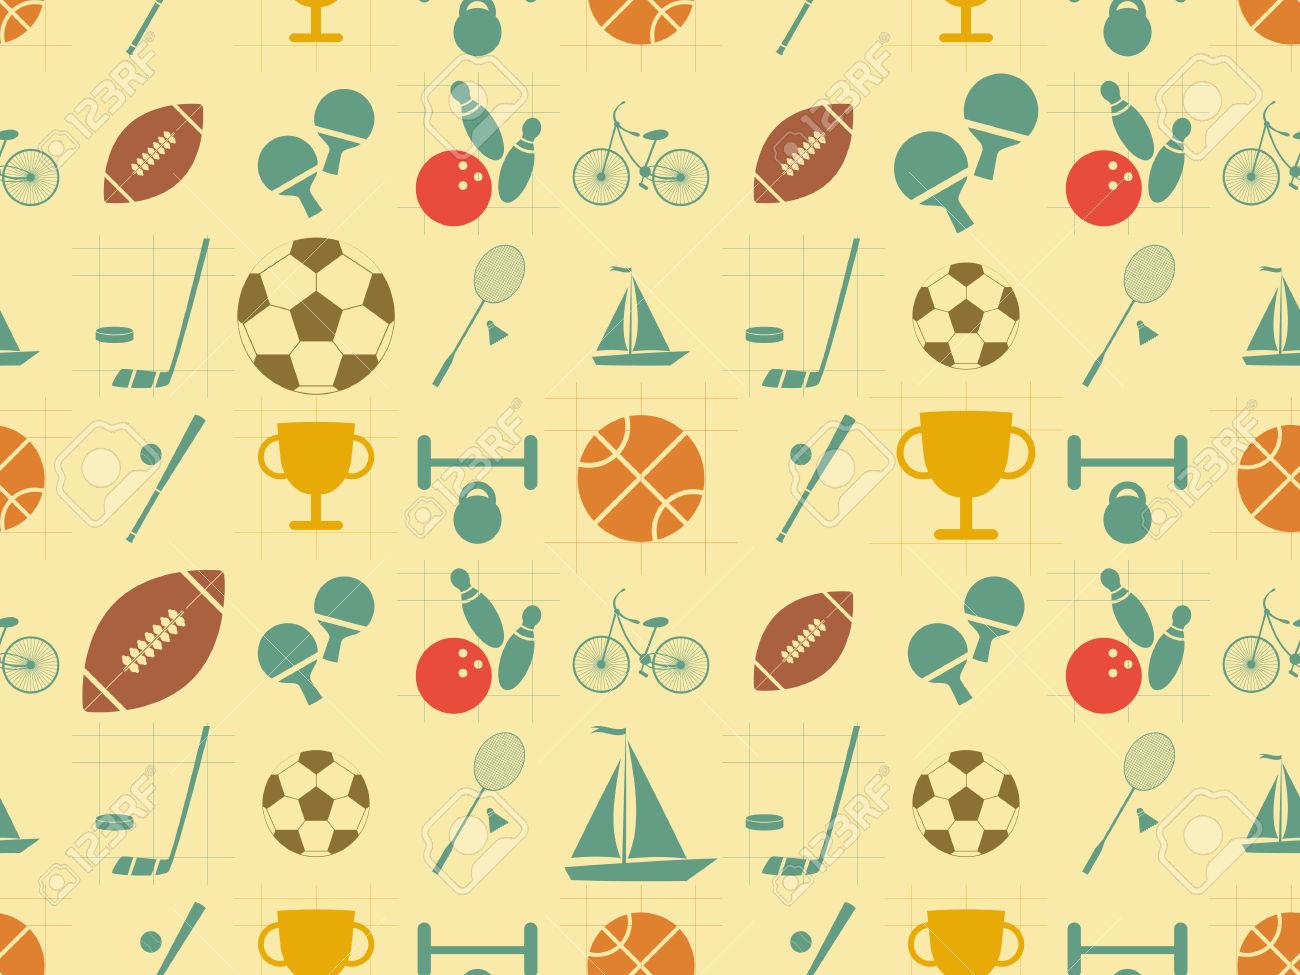 صور خلفيات رياضية HD أحلي وأجمل خلفيات كورة ورياضة | ميكساتك